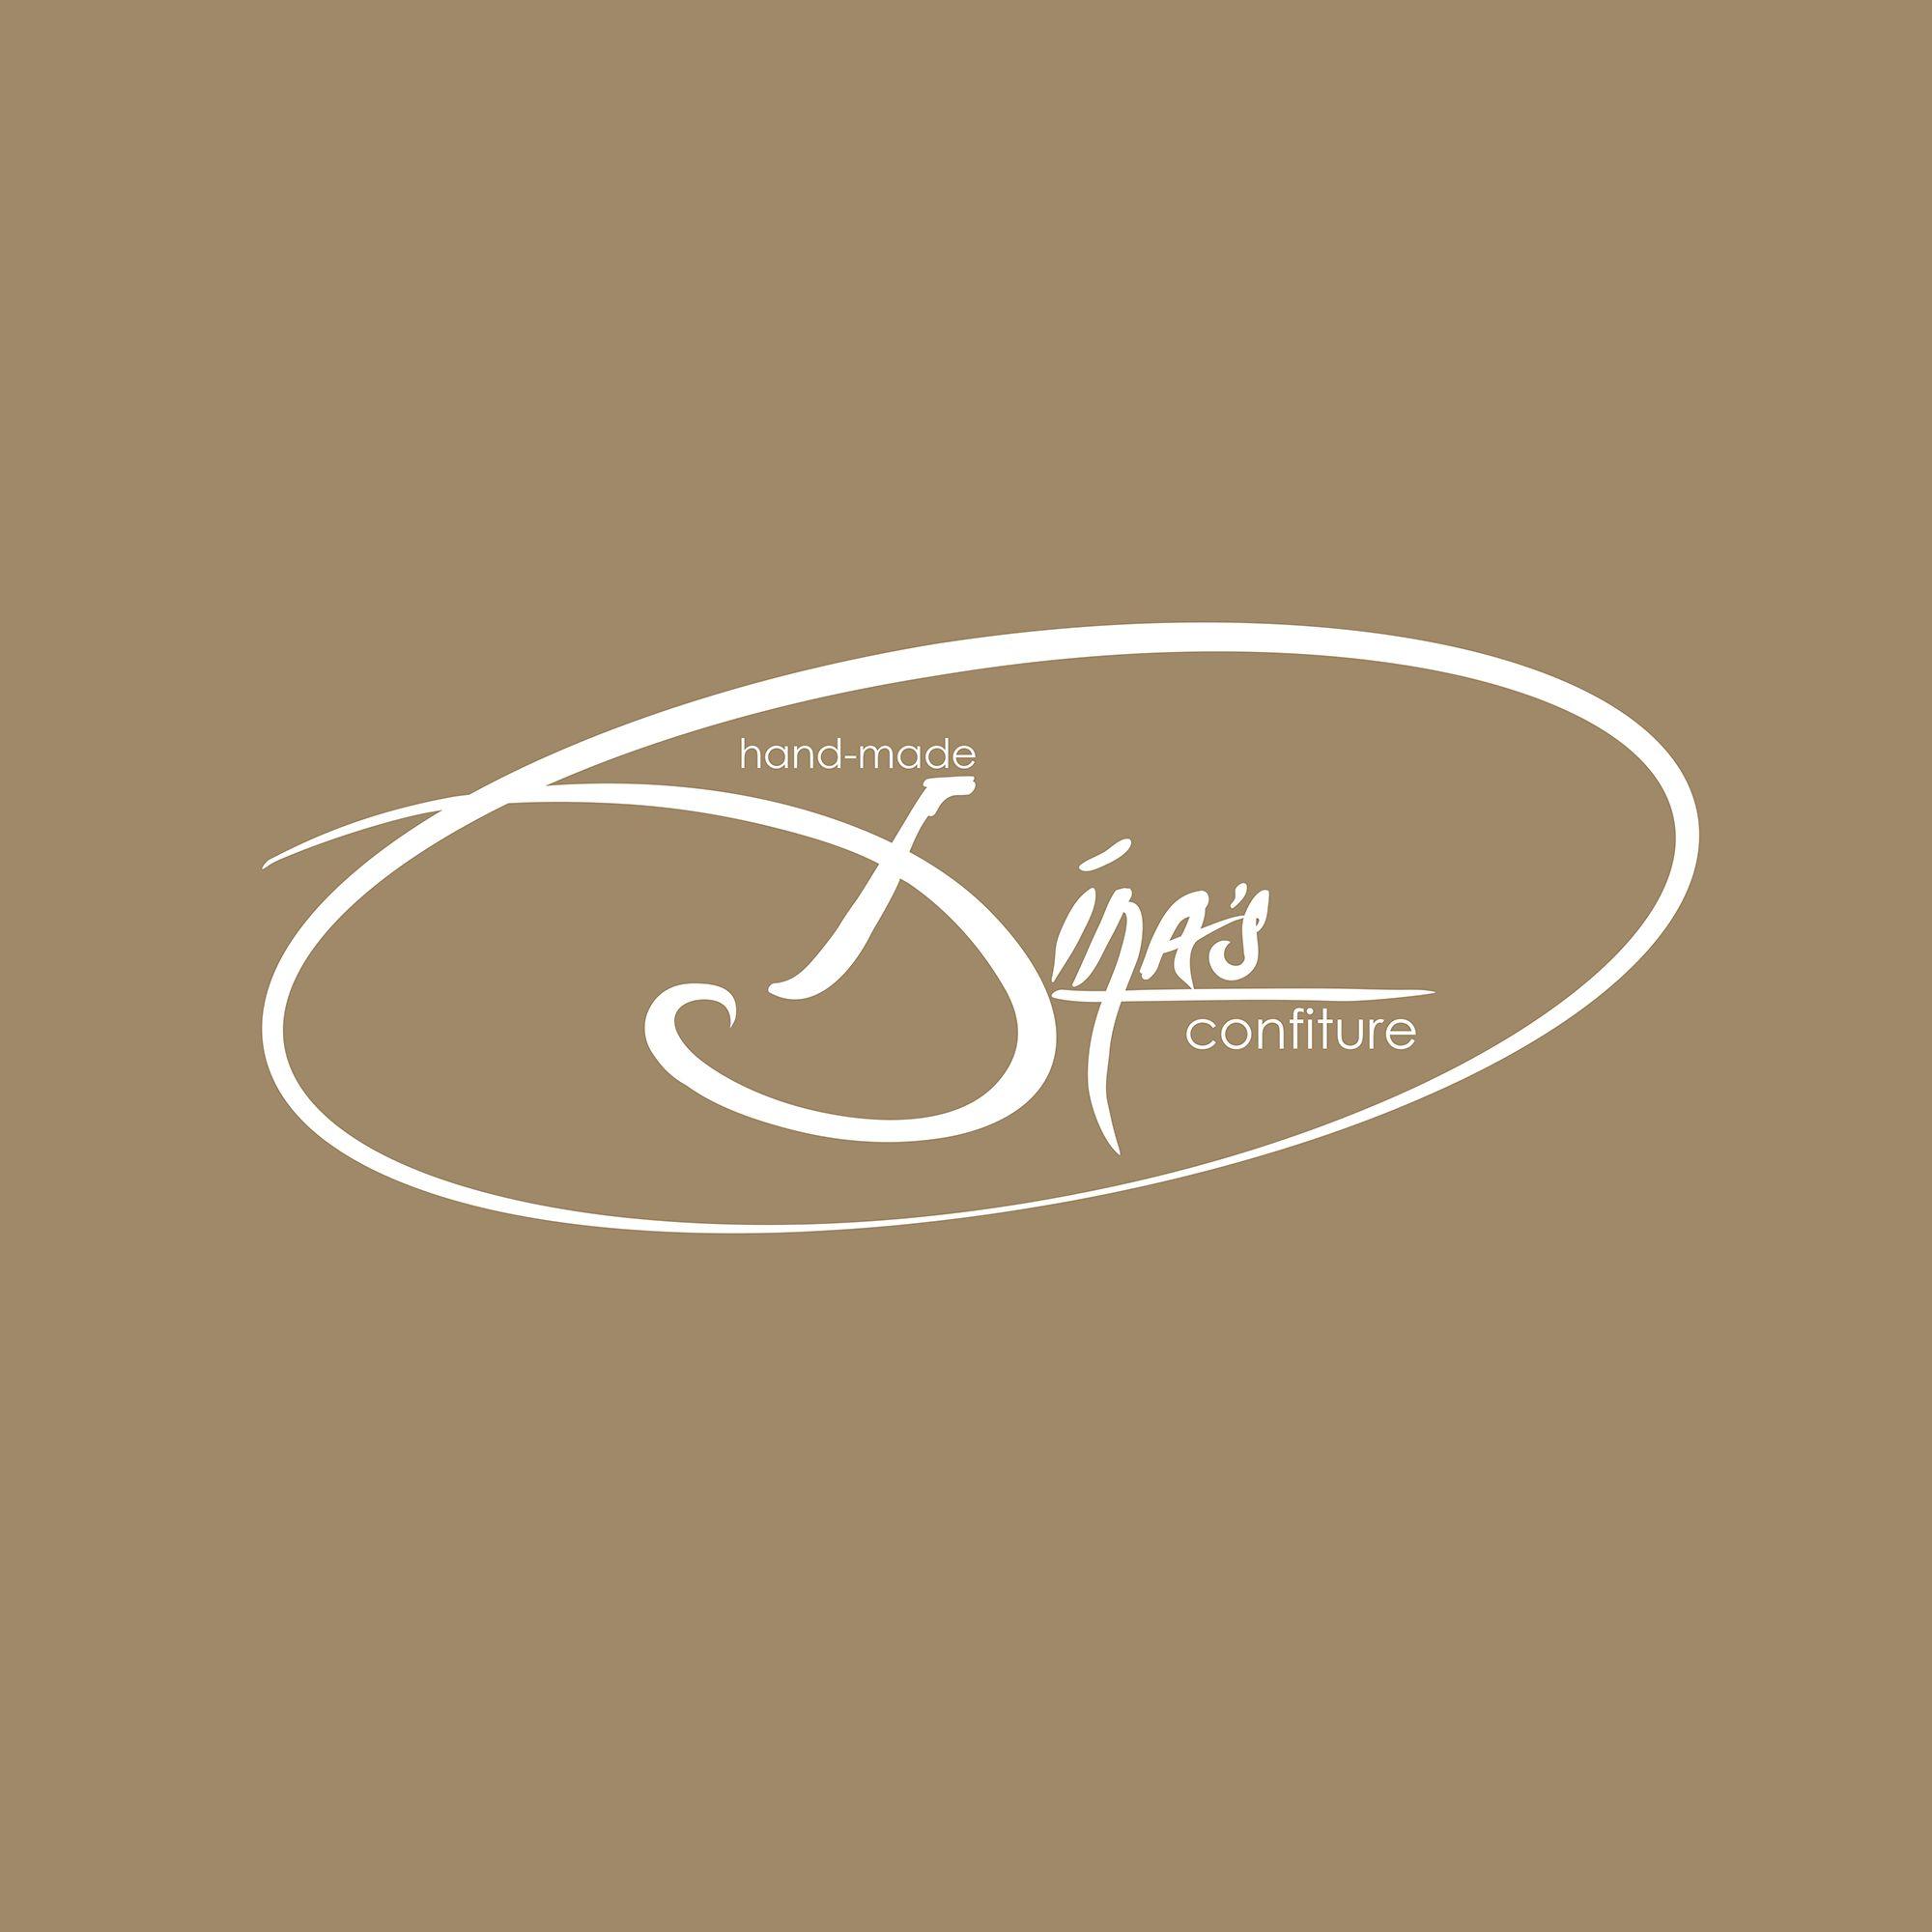 Лого для кондитерских изделий DINA's - дизайнер Darza